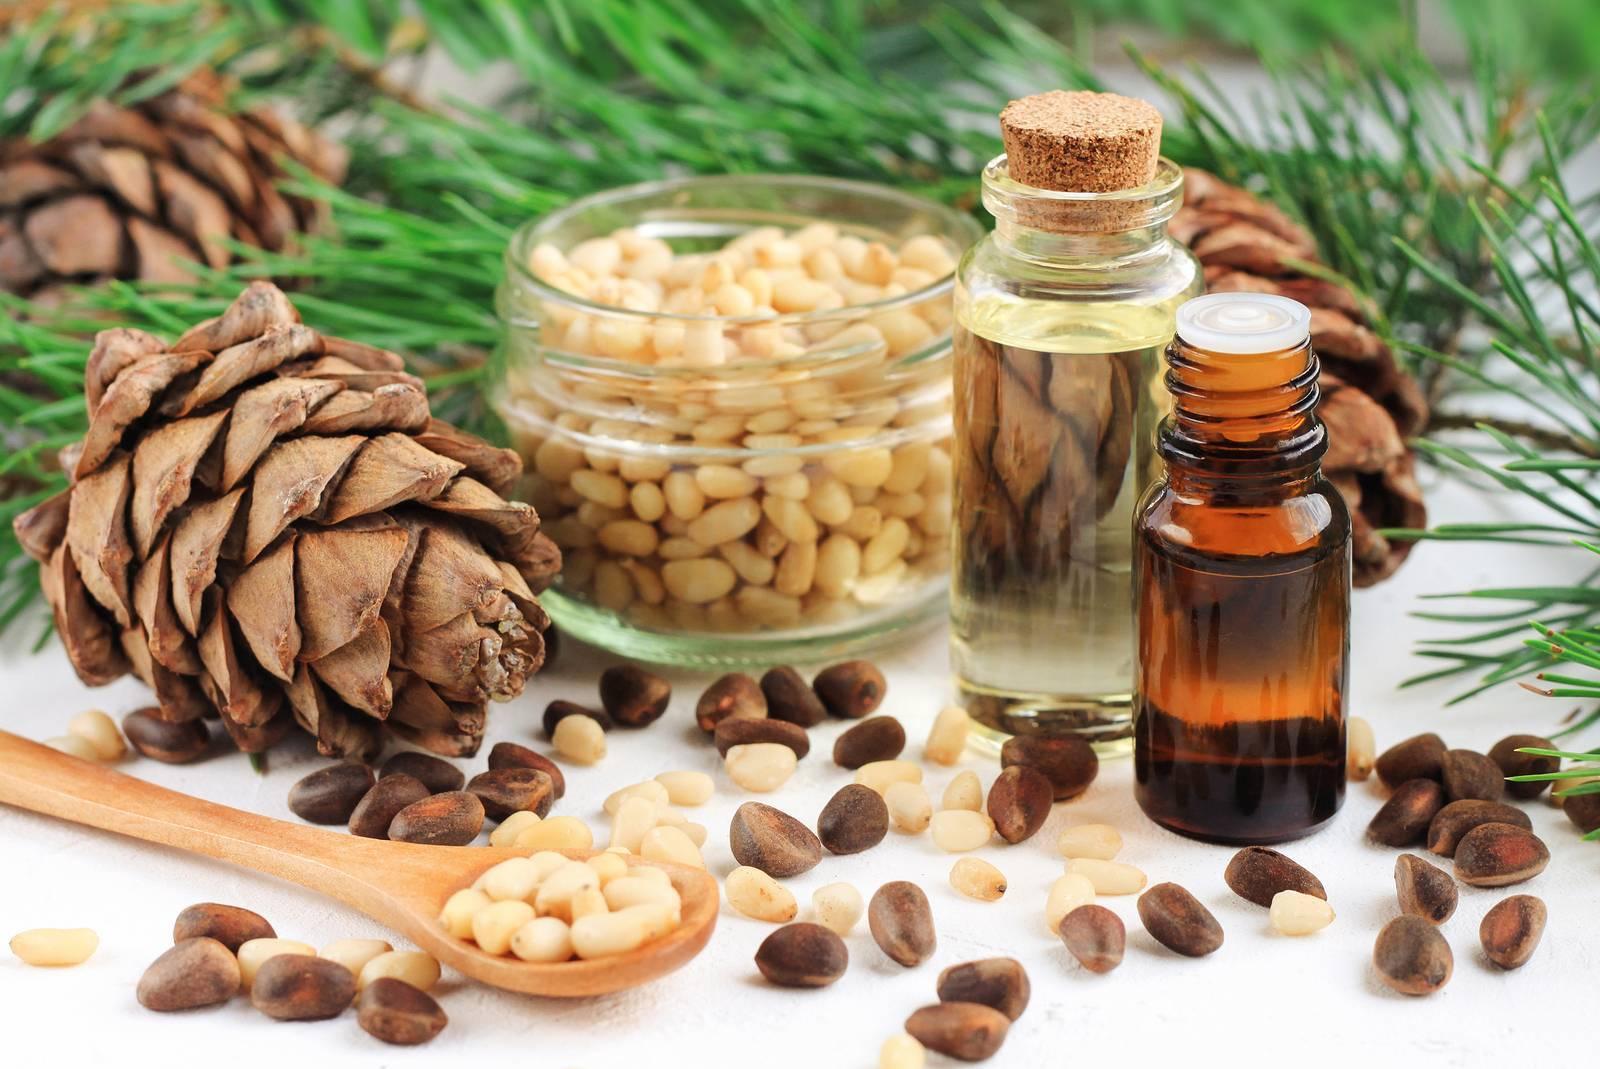 Кедровое масло: лечебные свойства и противопоказания, применение орехового молочка